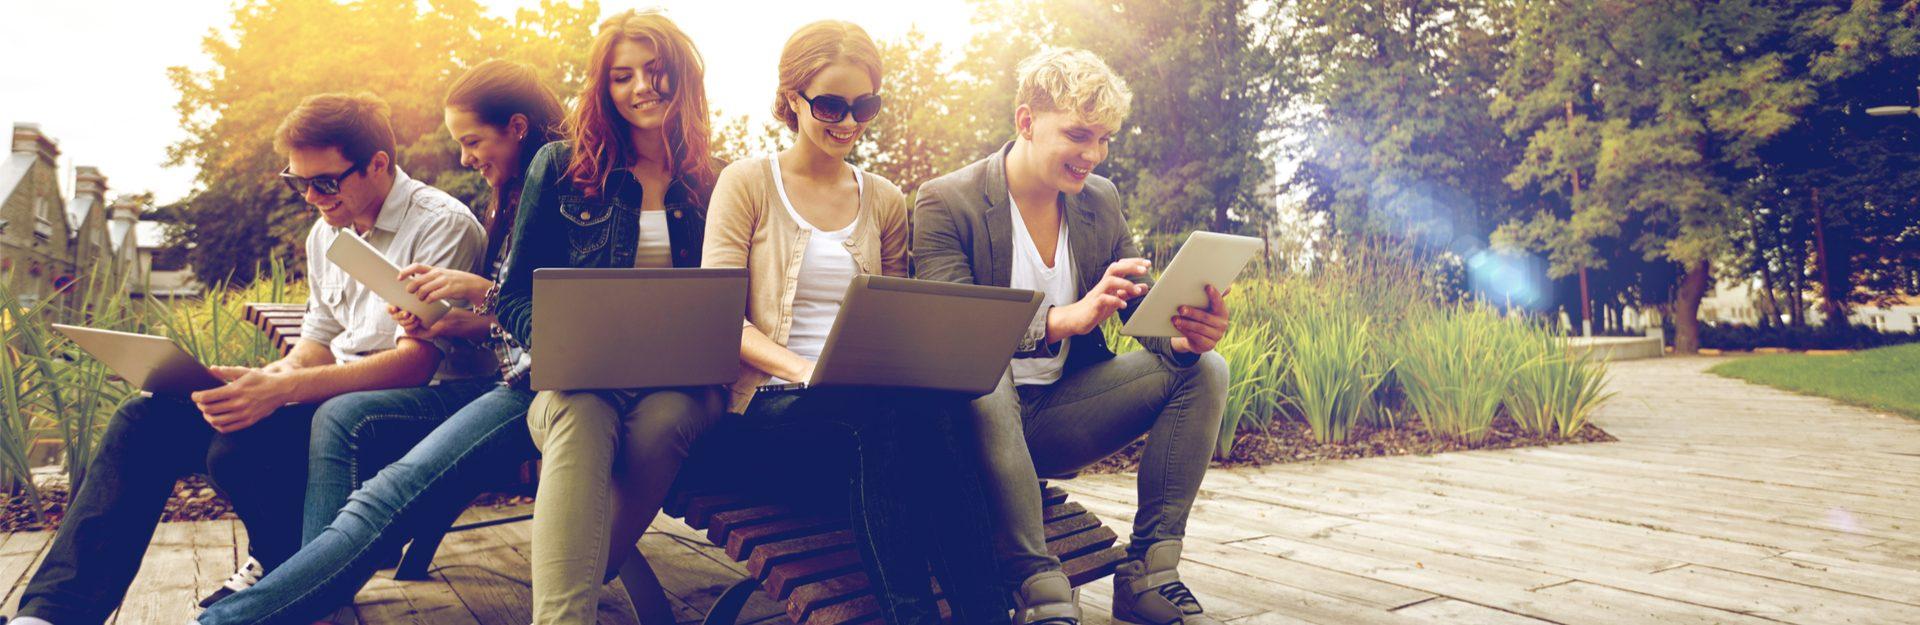 Jugendliche sittzen mit Laptops in der Sonne und lernen